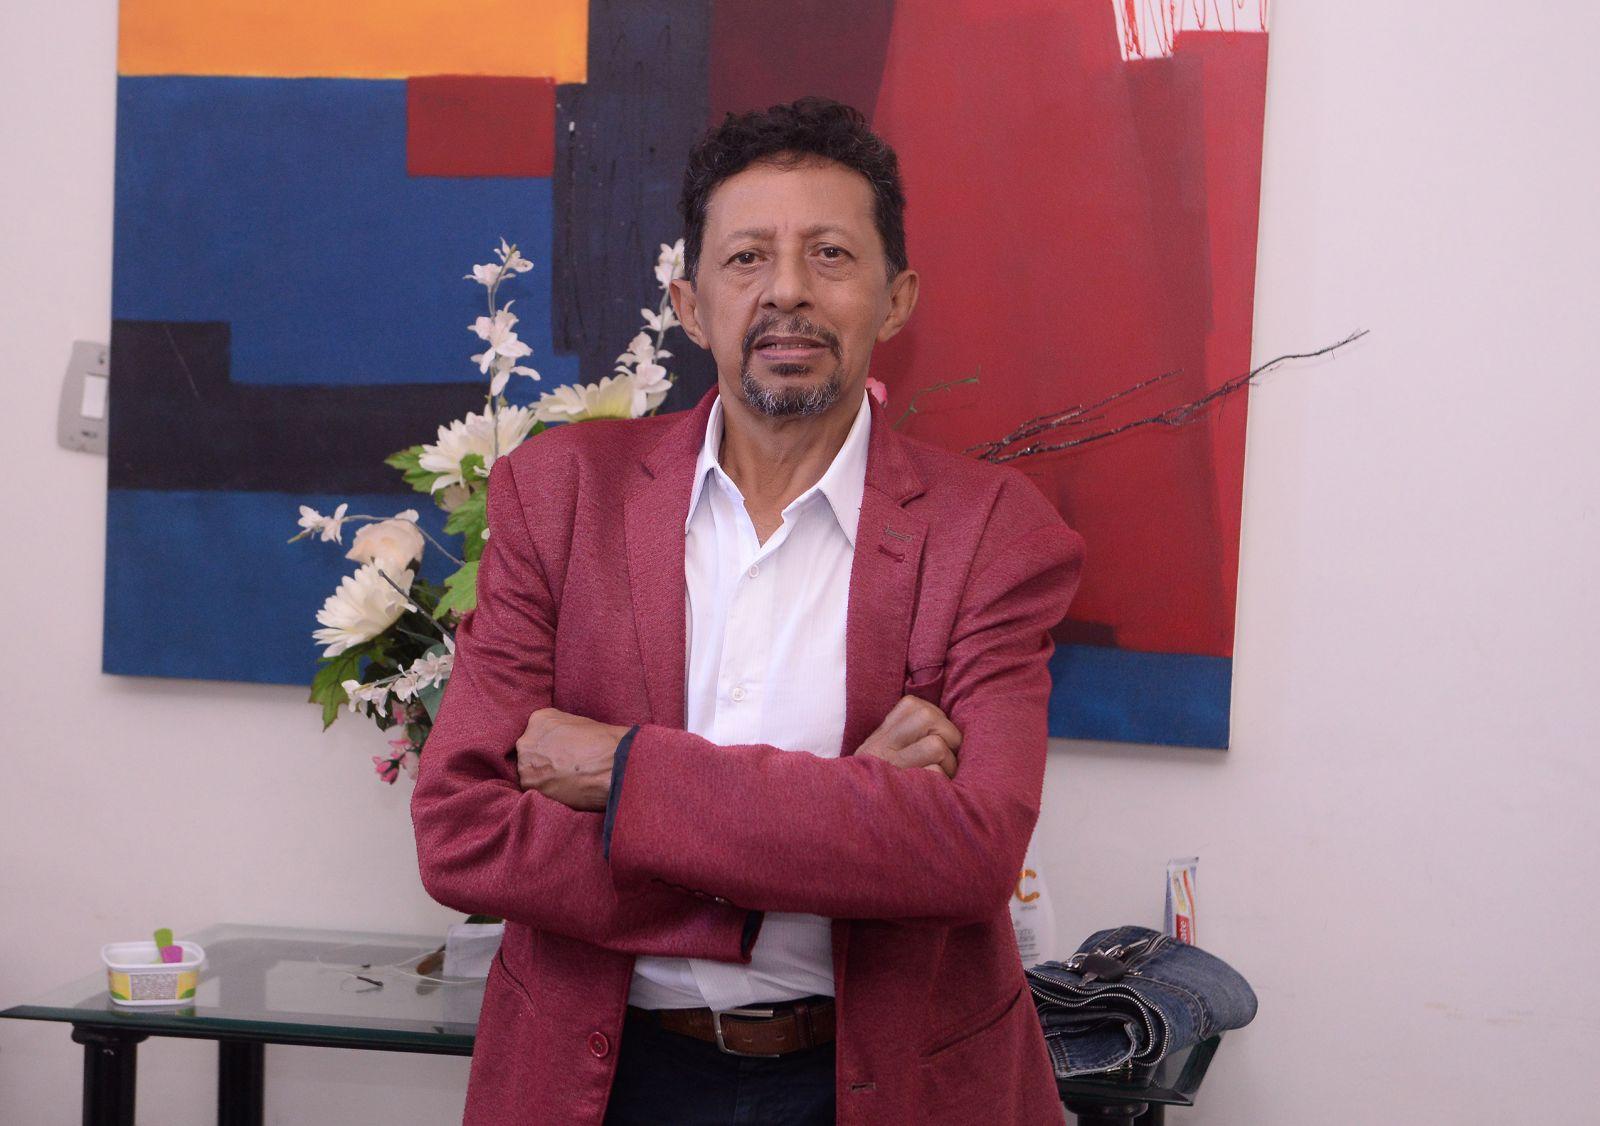 O oftalmologista Fábio Vaz é o destaque oftalmológico de hoje dia 25 de setemdbro de 2018